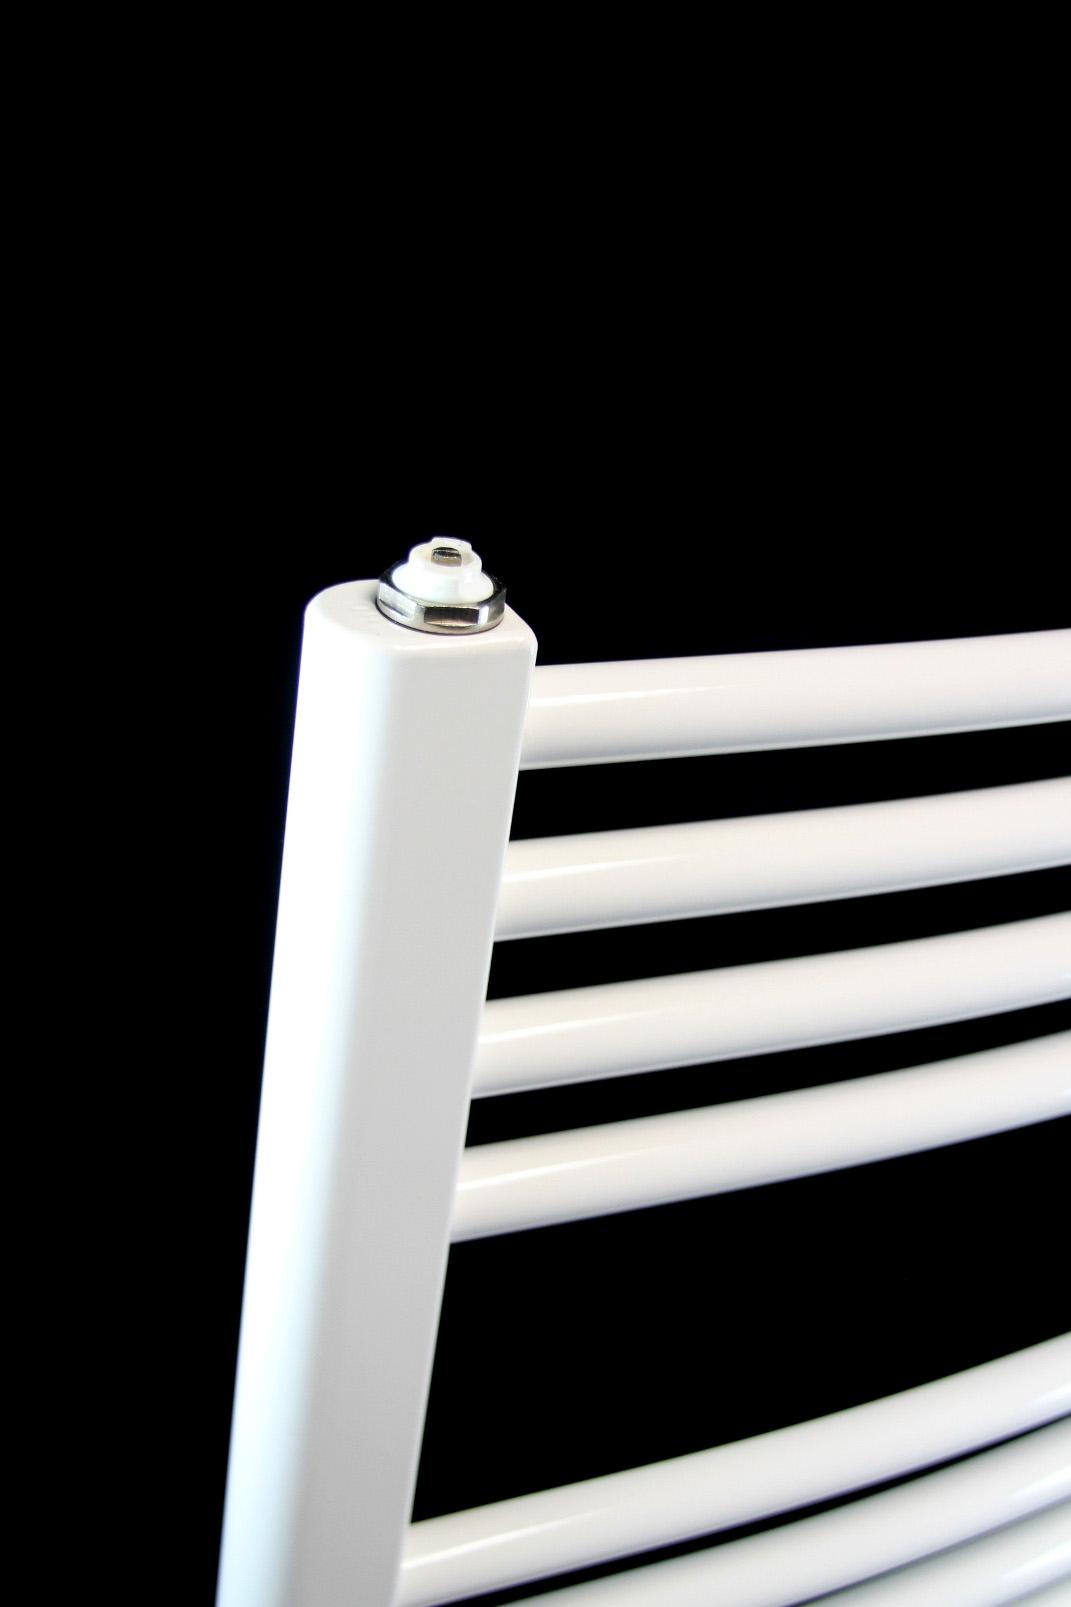 badheizk rper 620x1690 pergamon weiss gebogen handtuch heizk rper heizung neu. Black Bedroom Furniture Sets. Home Design Ideas